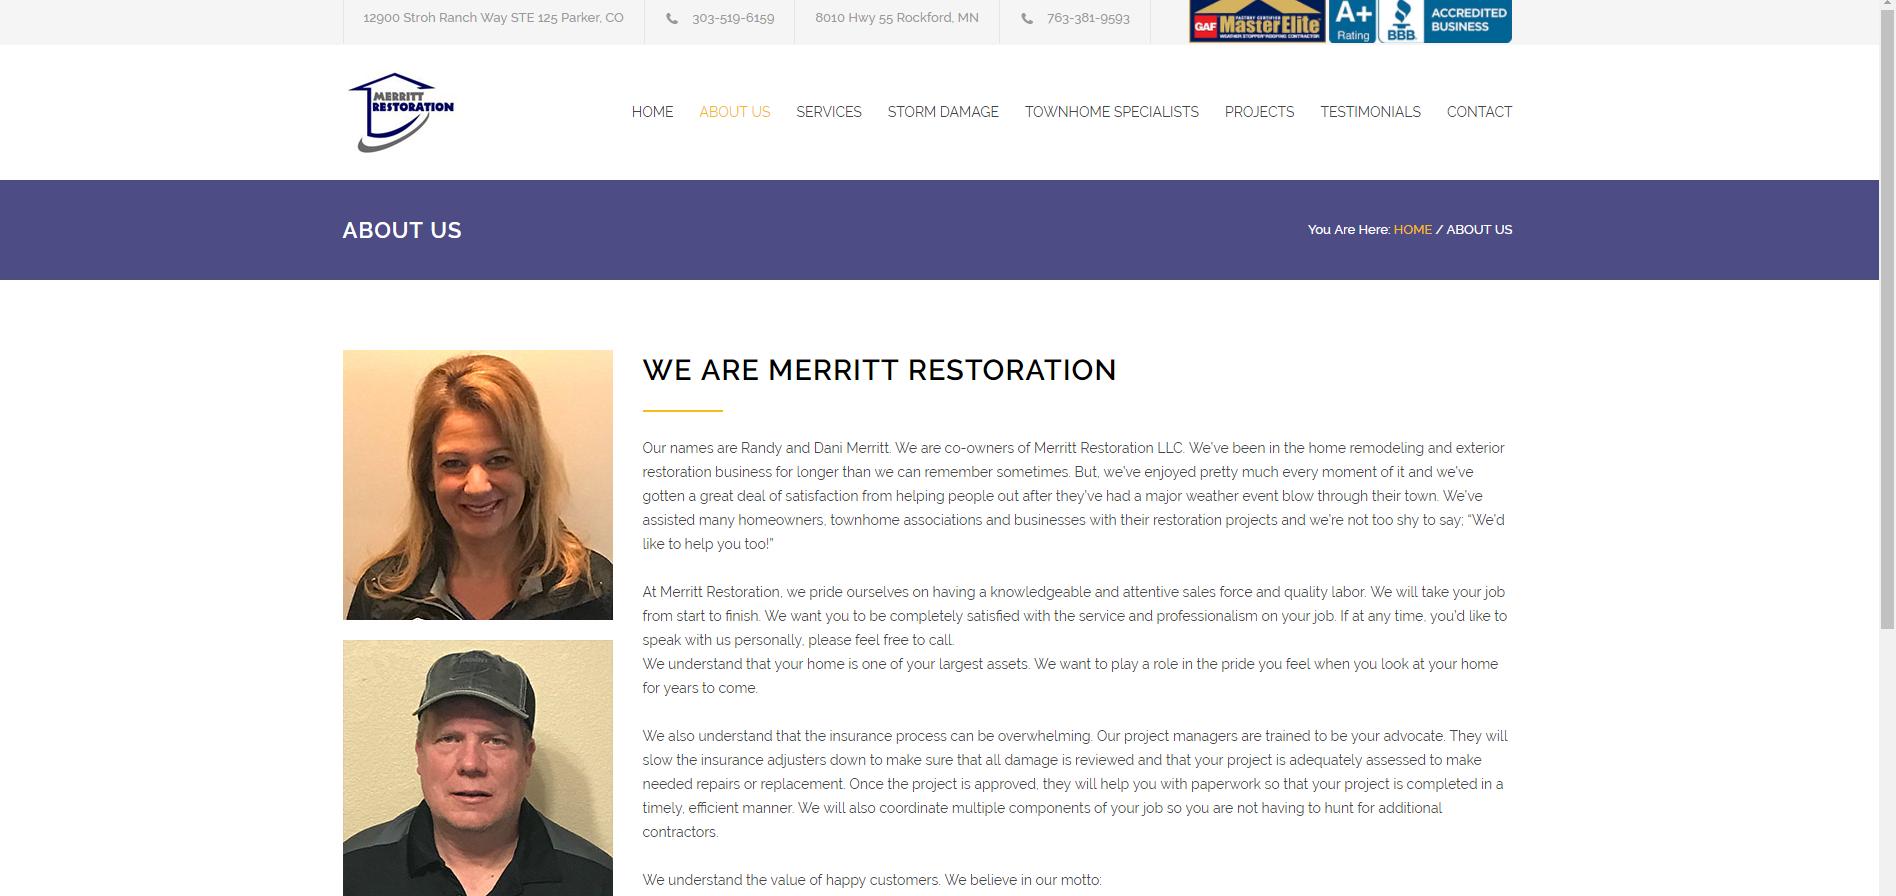 merrit restoration-about us